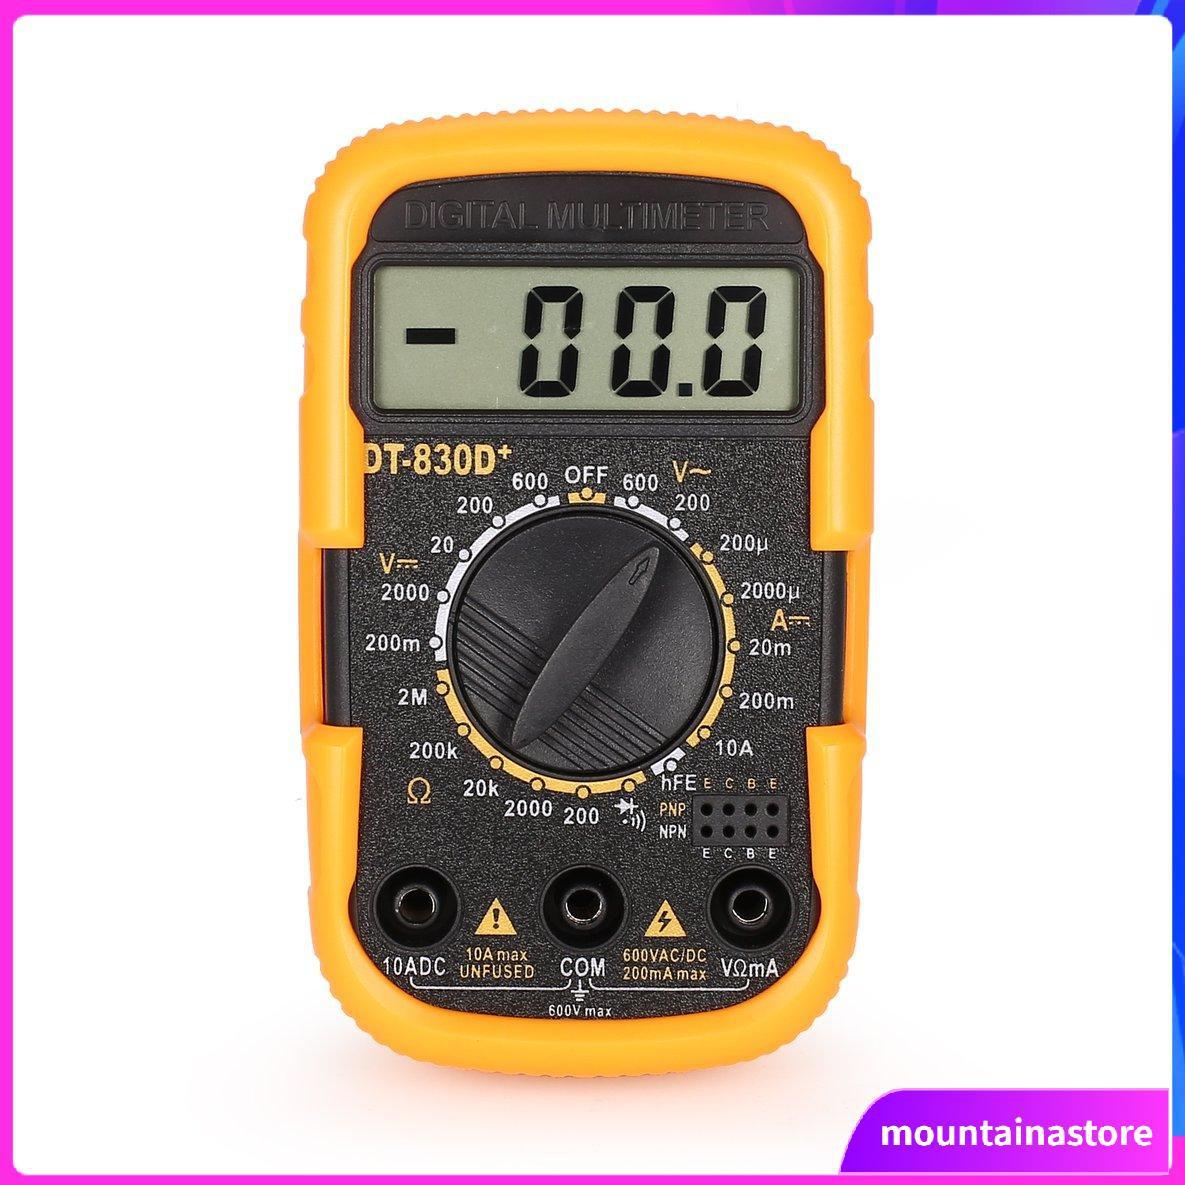 DT-830D Mini Pocket Digital Multimeter 1999 Counts AC//DC Volt Amp Ohm Diode hFE Continuity Tester Ammeter Voltmeter Ohmmeter